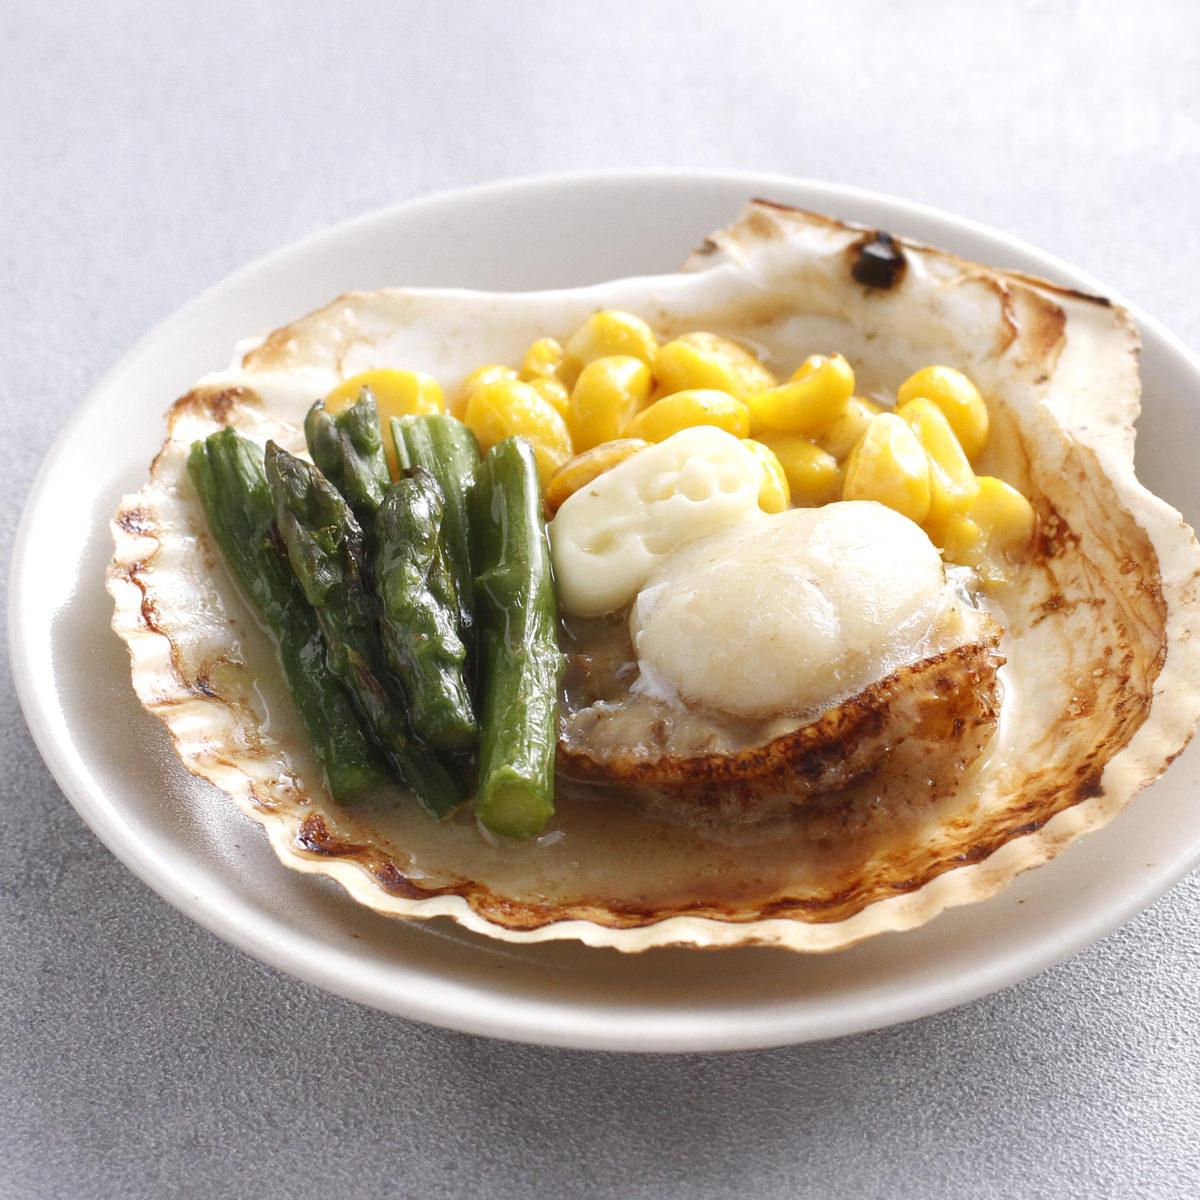 帆立バター焼きセット 6袋 〔(ホタテ片貝×1枚、コーン10g、アスパラ10g、バター8g)×6〕 北海道産 海鮮惣菜